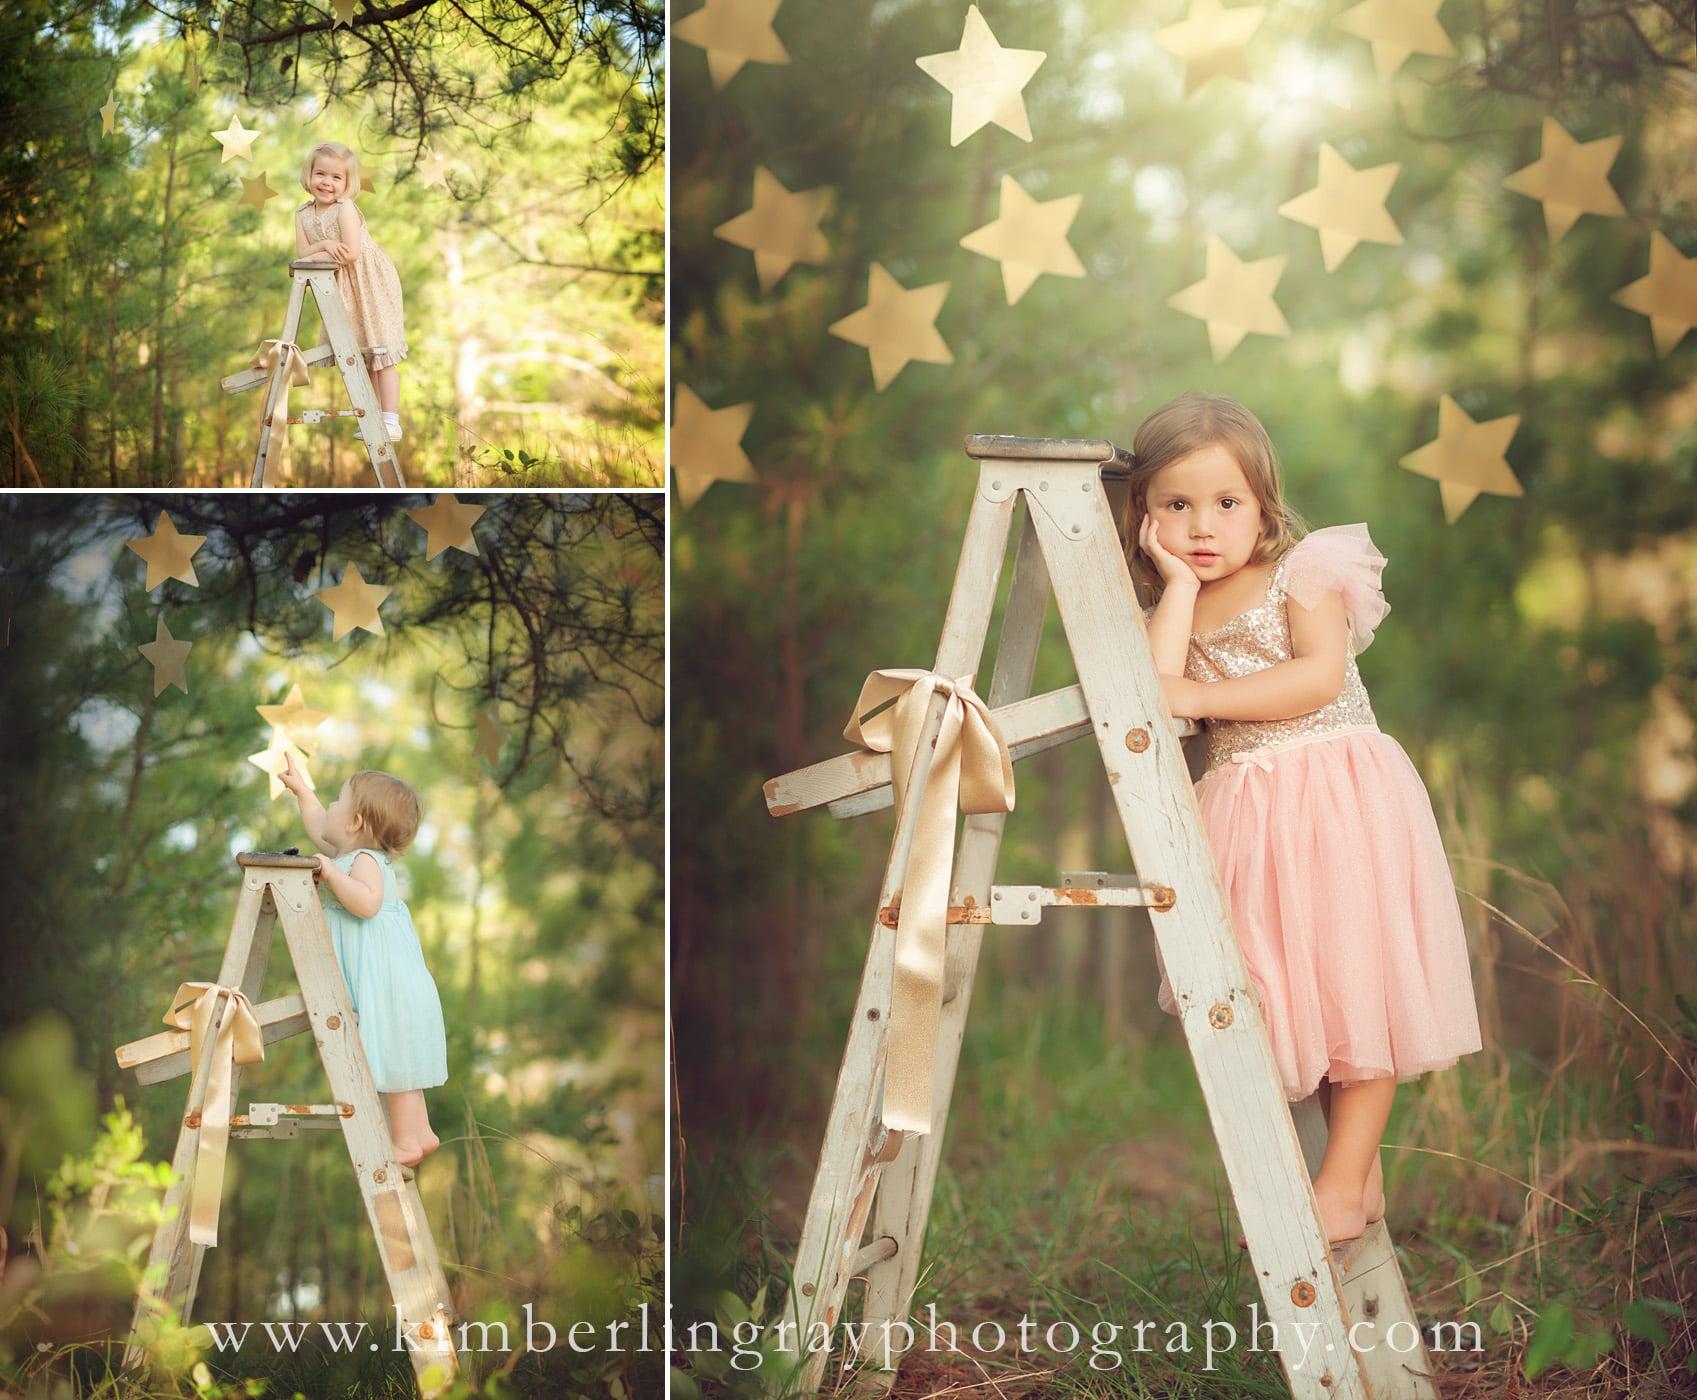 Twinkle Twinkle Little Star | Starlight, Starbright Artistry